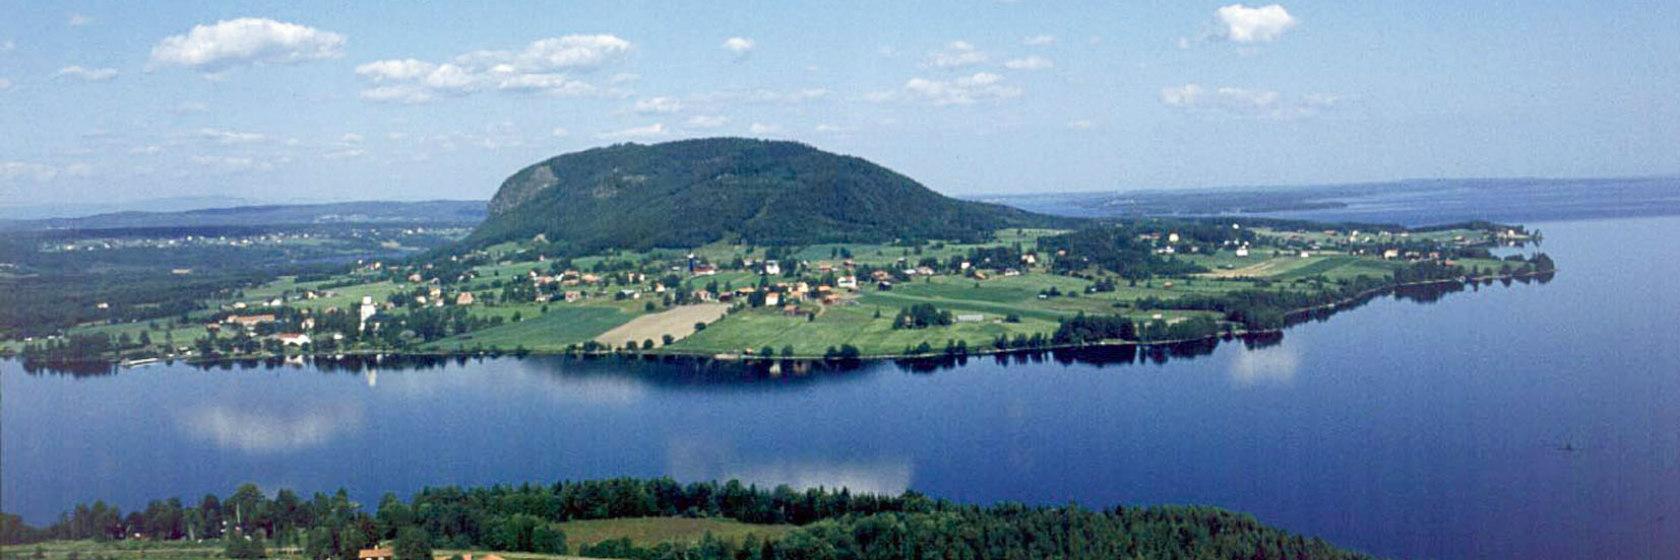 Flygbild över Hoverberget och Storsjön